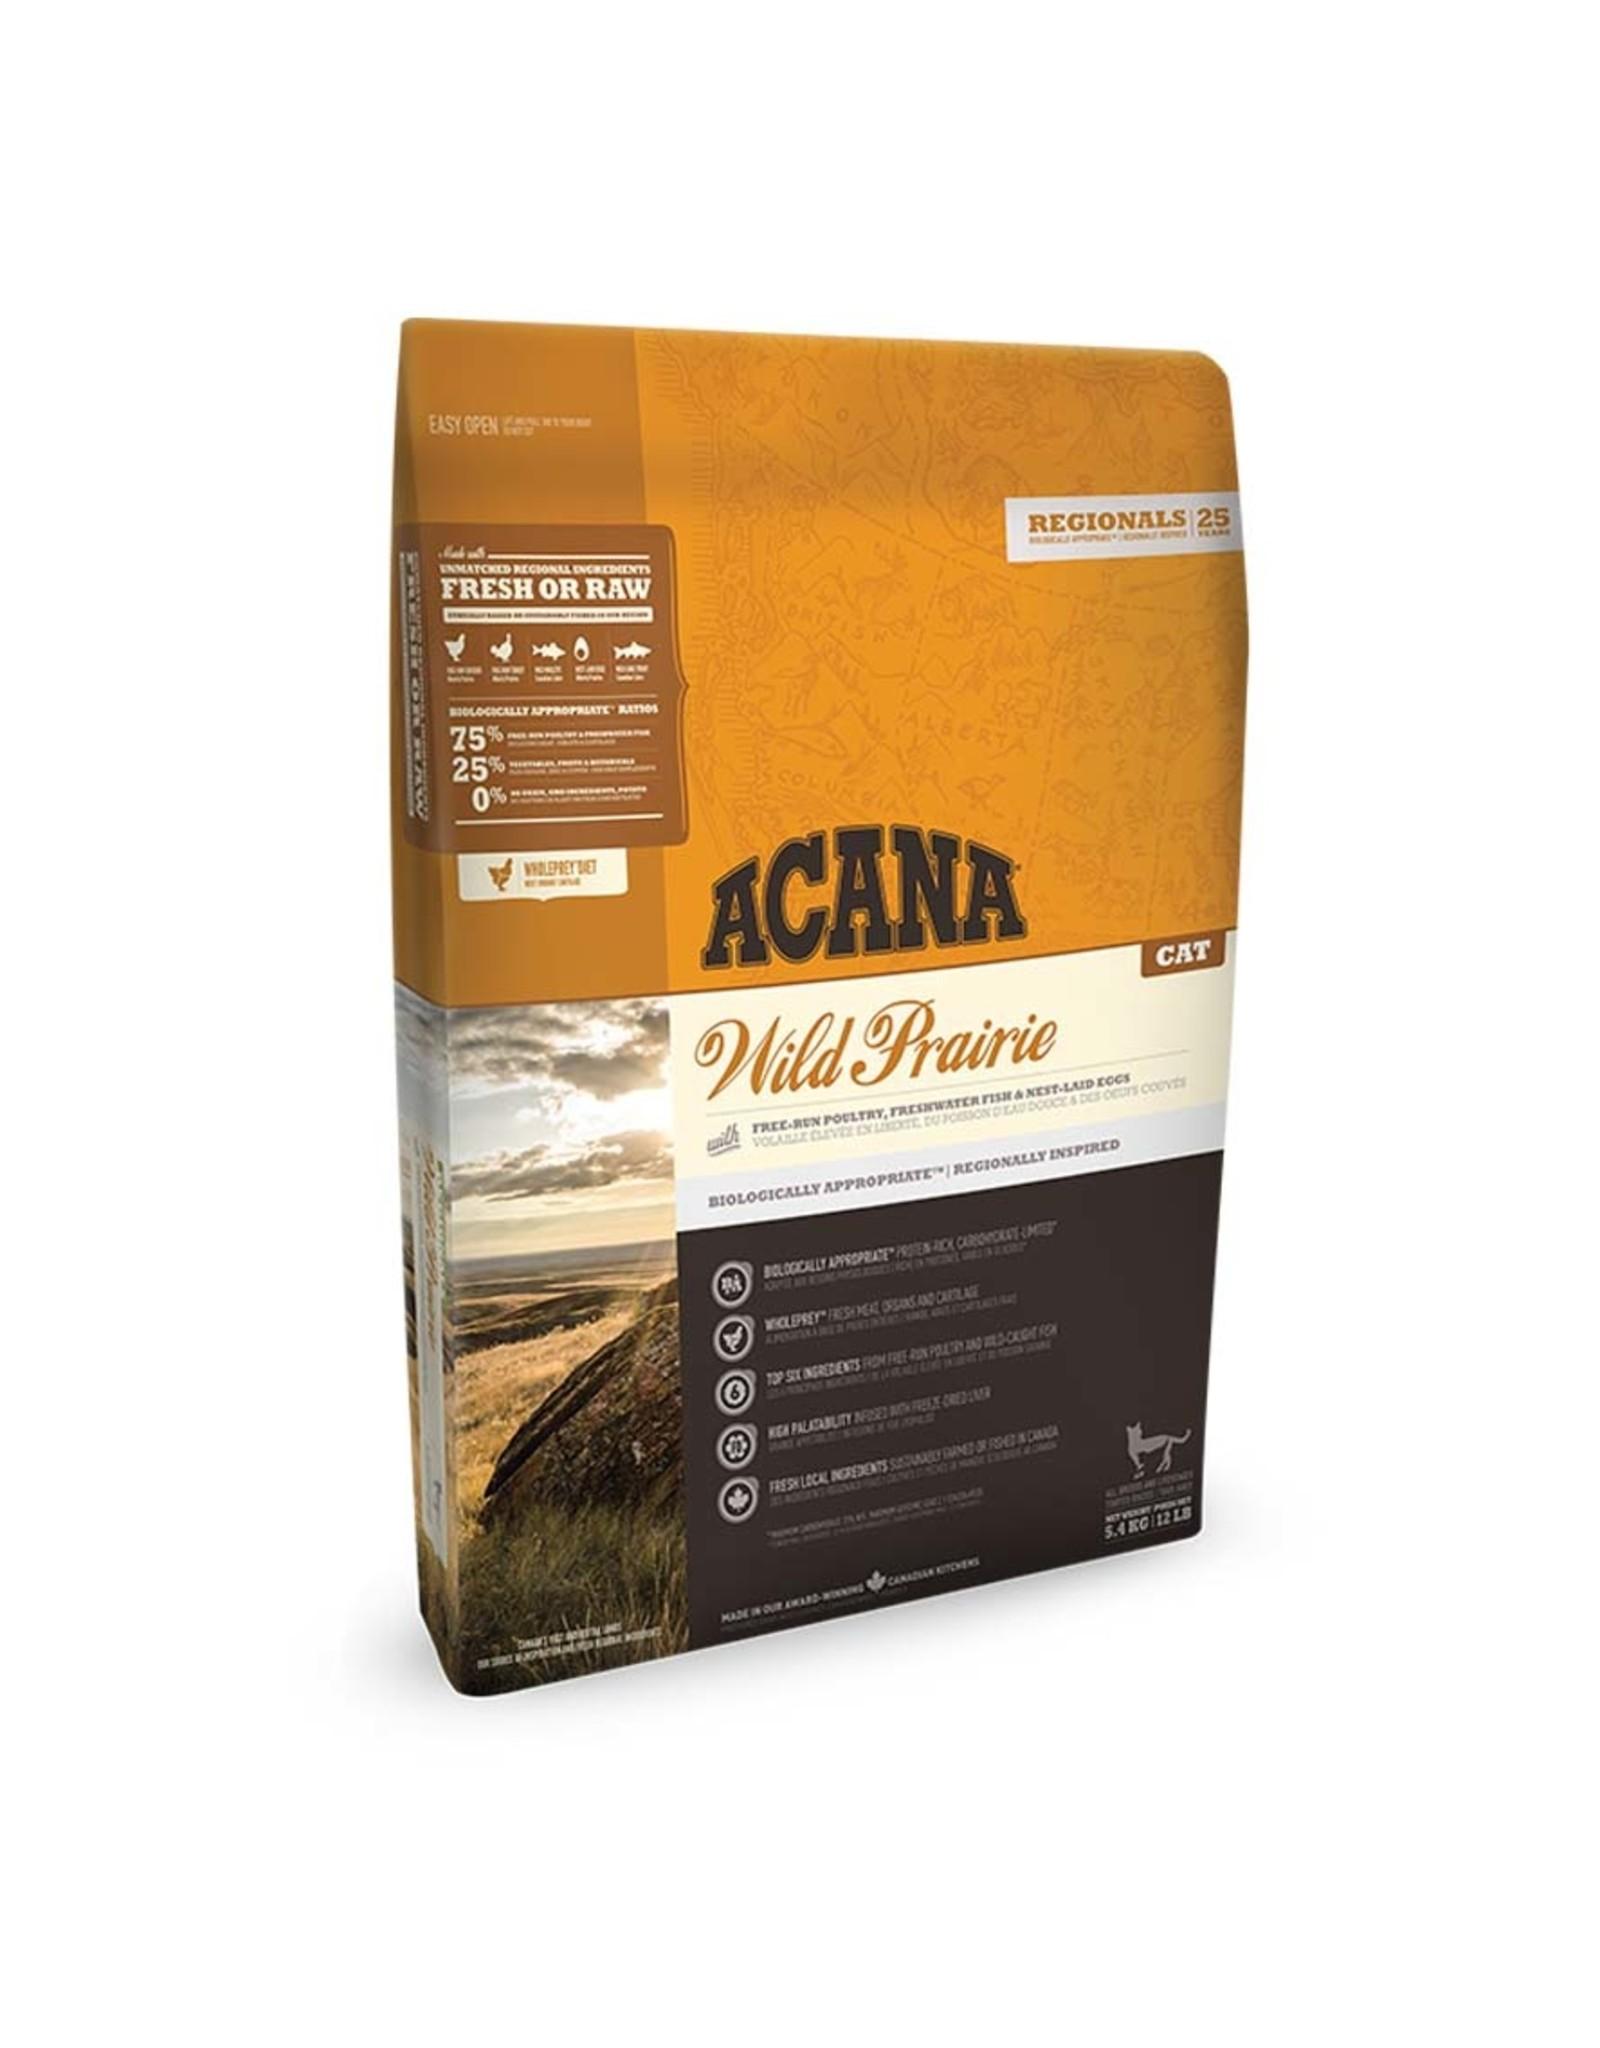 Acana Acana - Regionals Wild Prairie Cat